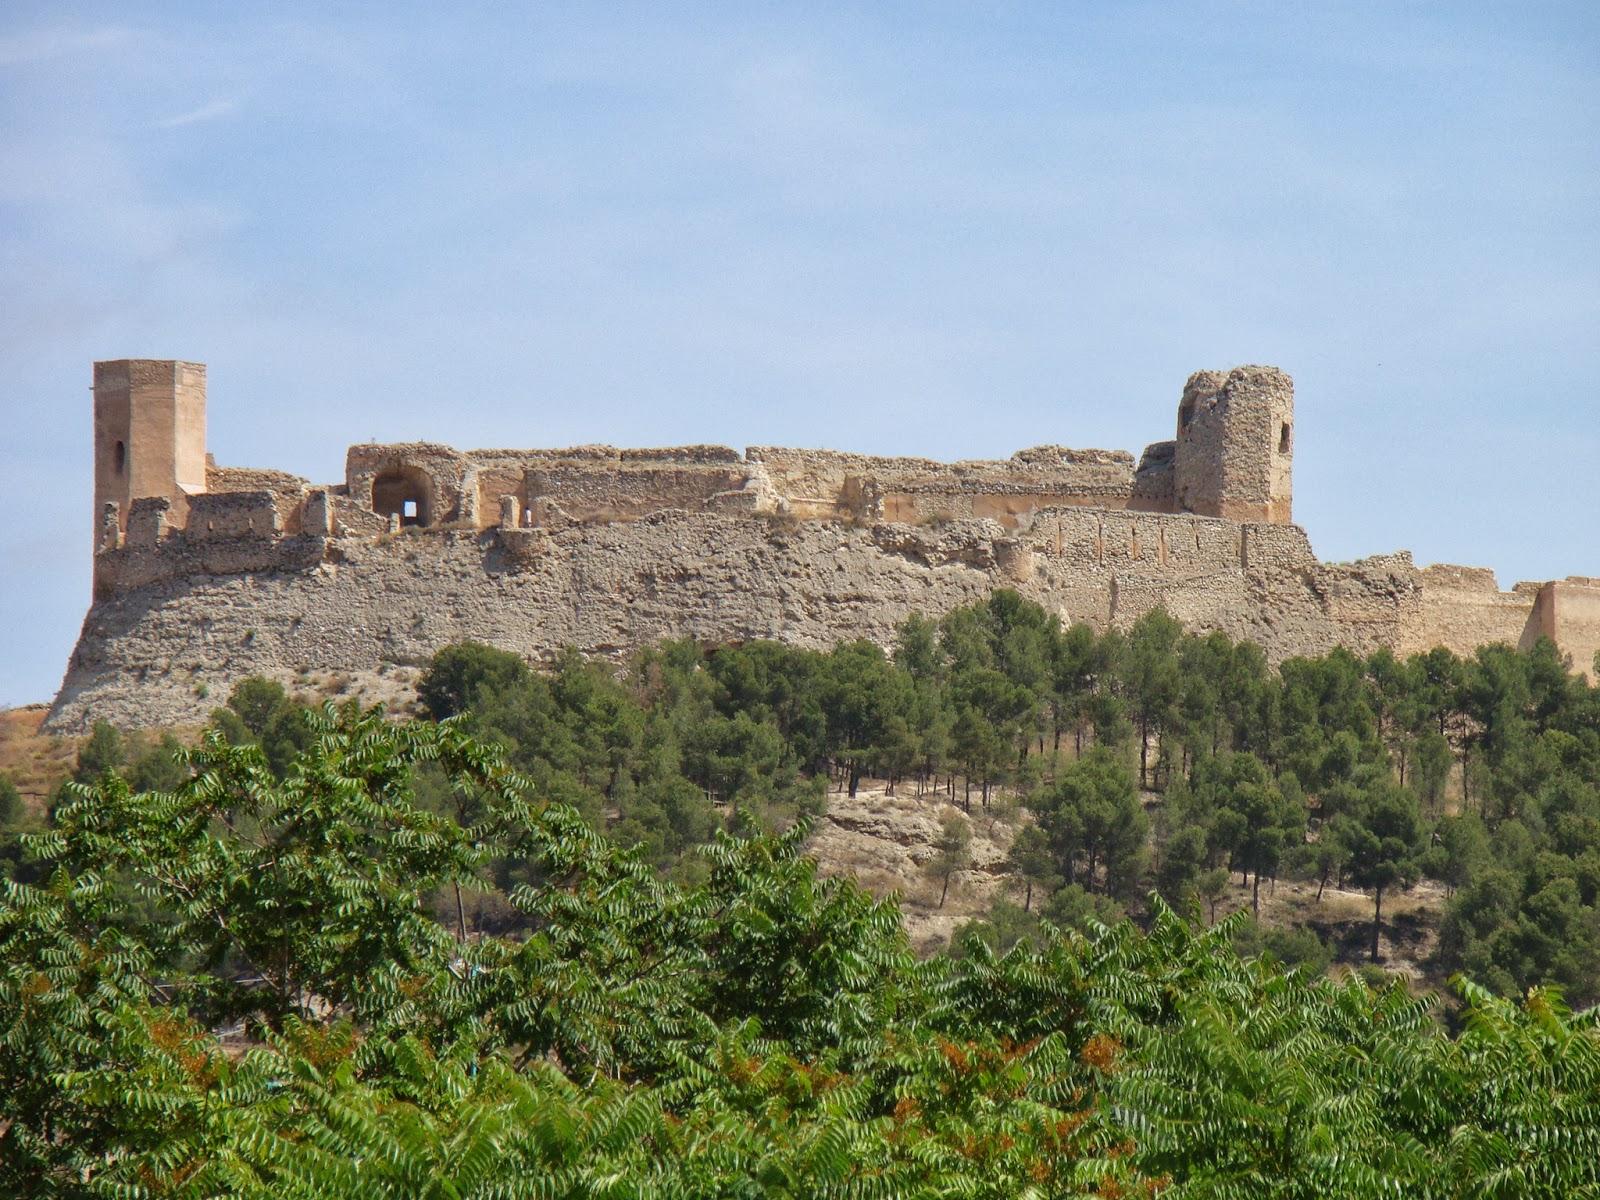 Castillos espa oles castillo de ayub calatayud zaragoza - Castillo de ayud ...